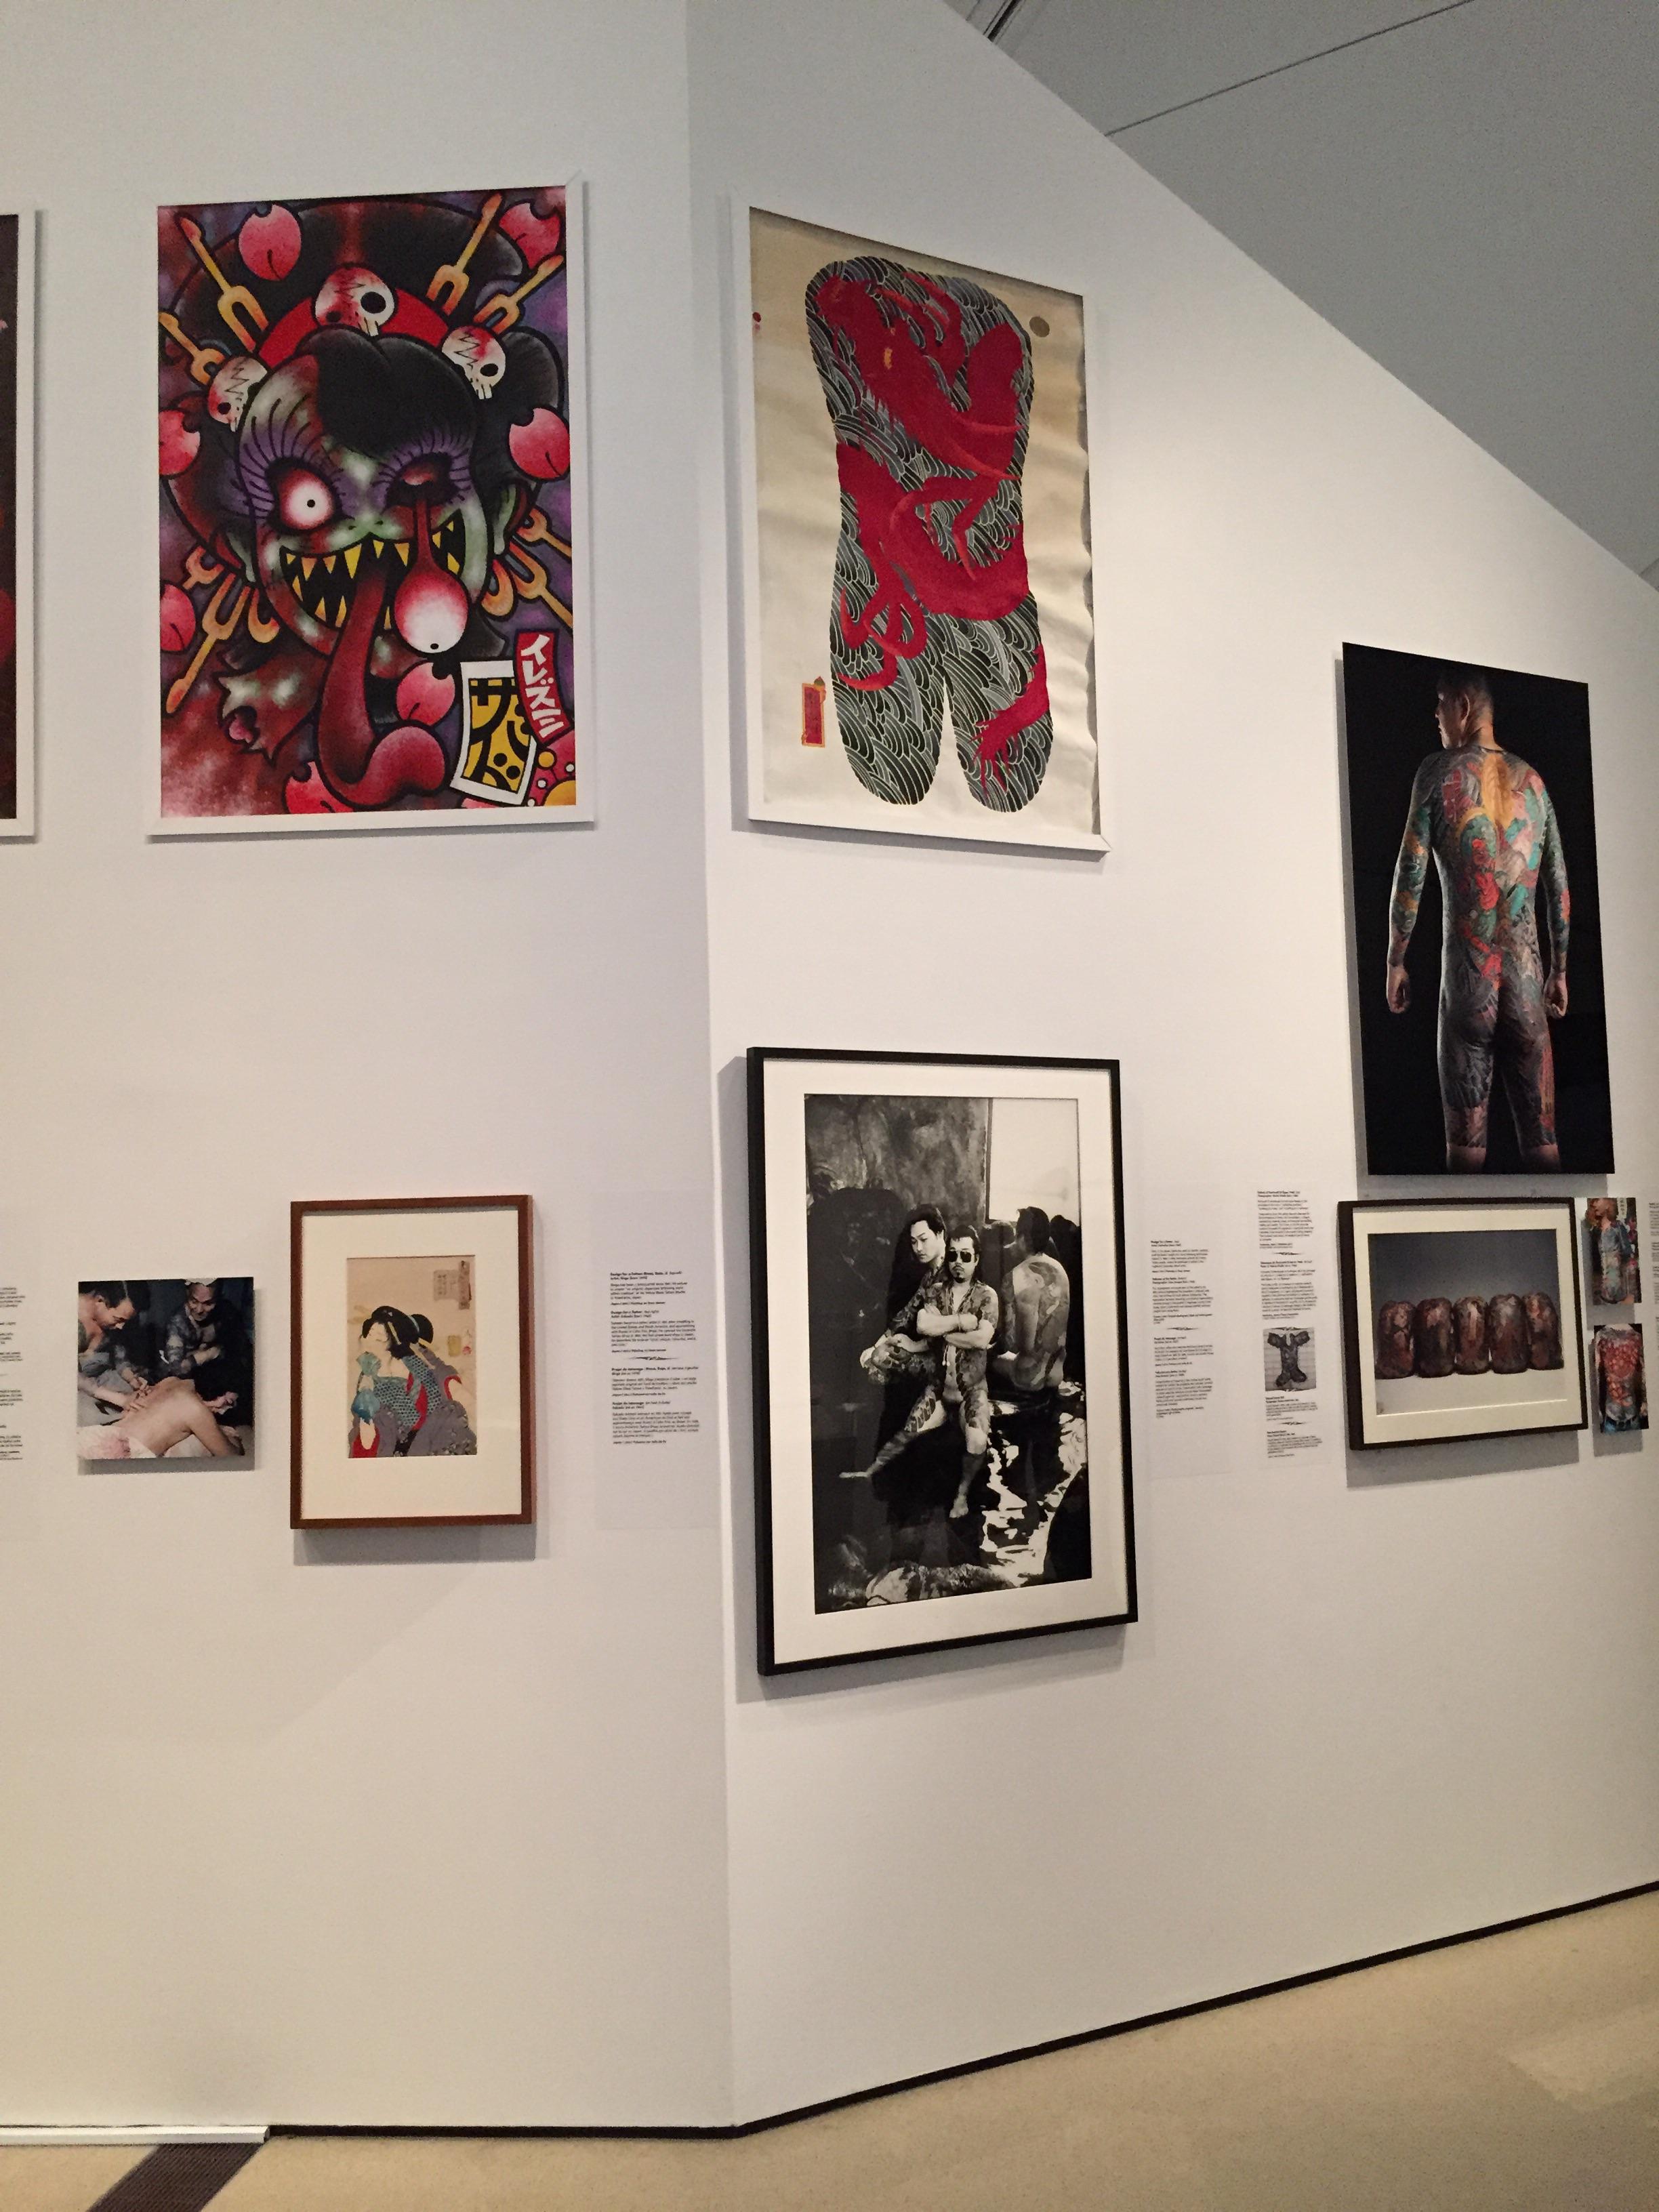 image 27 Другая SOVA ROM, tatoo, выставка, идентификация, искусство, Марк Джейкобс, одержимость, ритуал, тату, татуировк, Тин-Тин